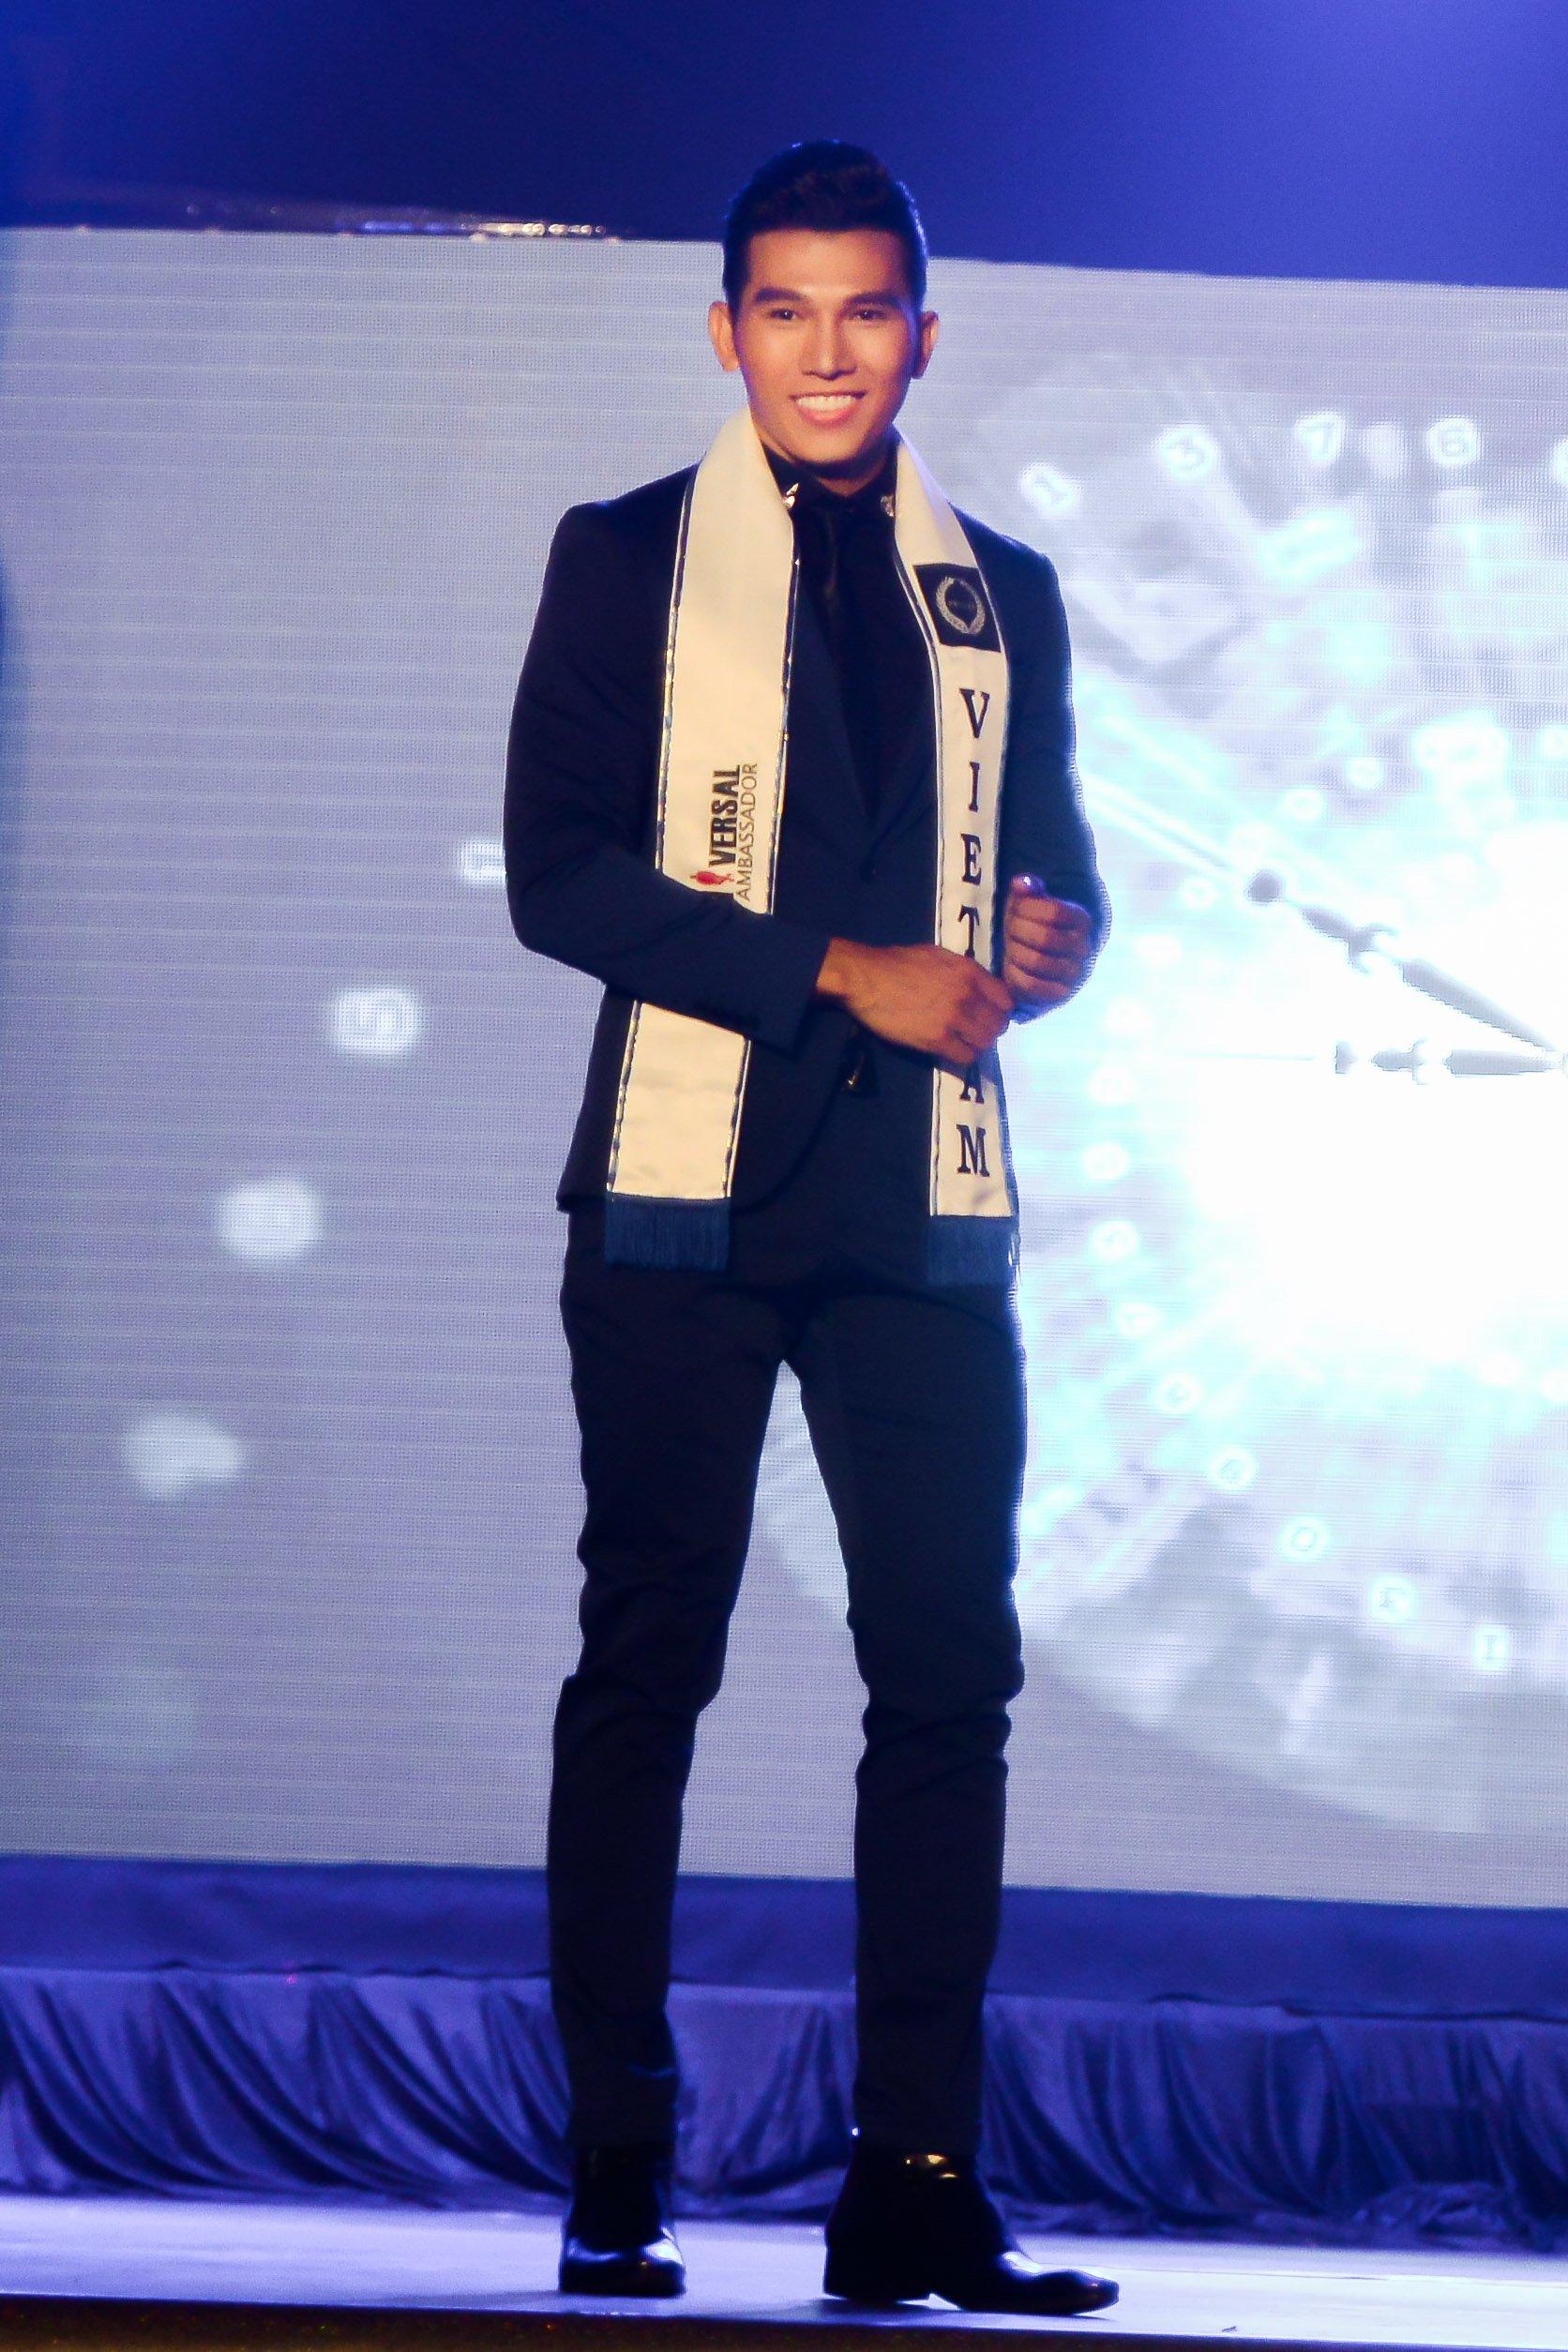 Ngọc Tình giành ngôi Á vương 1 tại Nam vương Đại sứ Hoàn cầu 2016 8